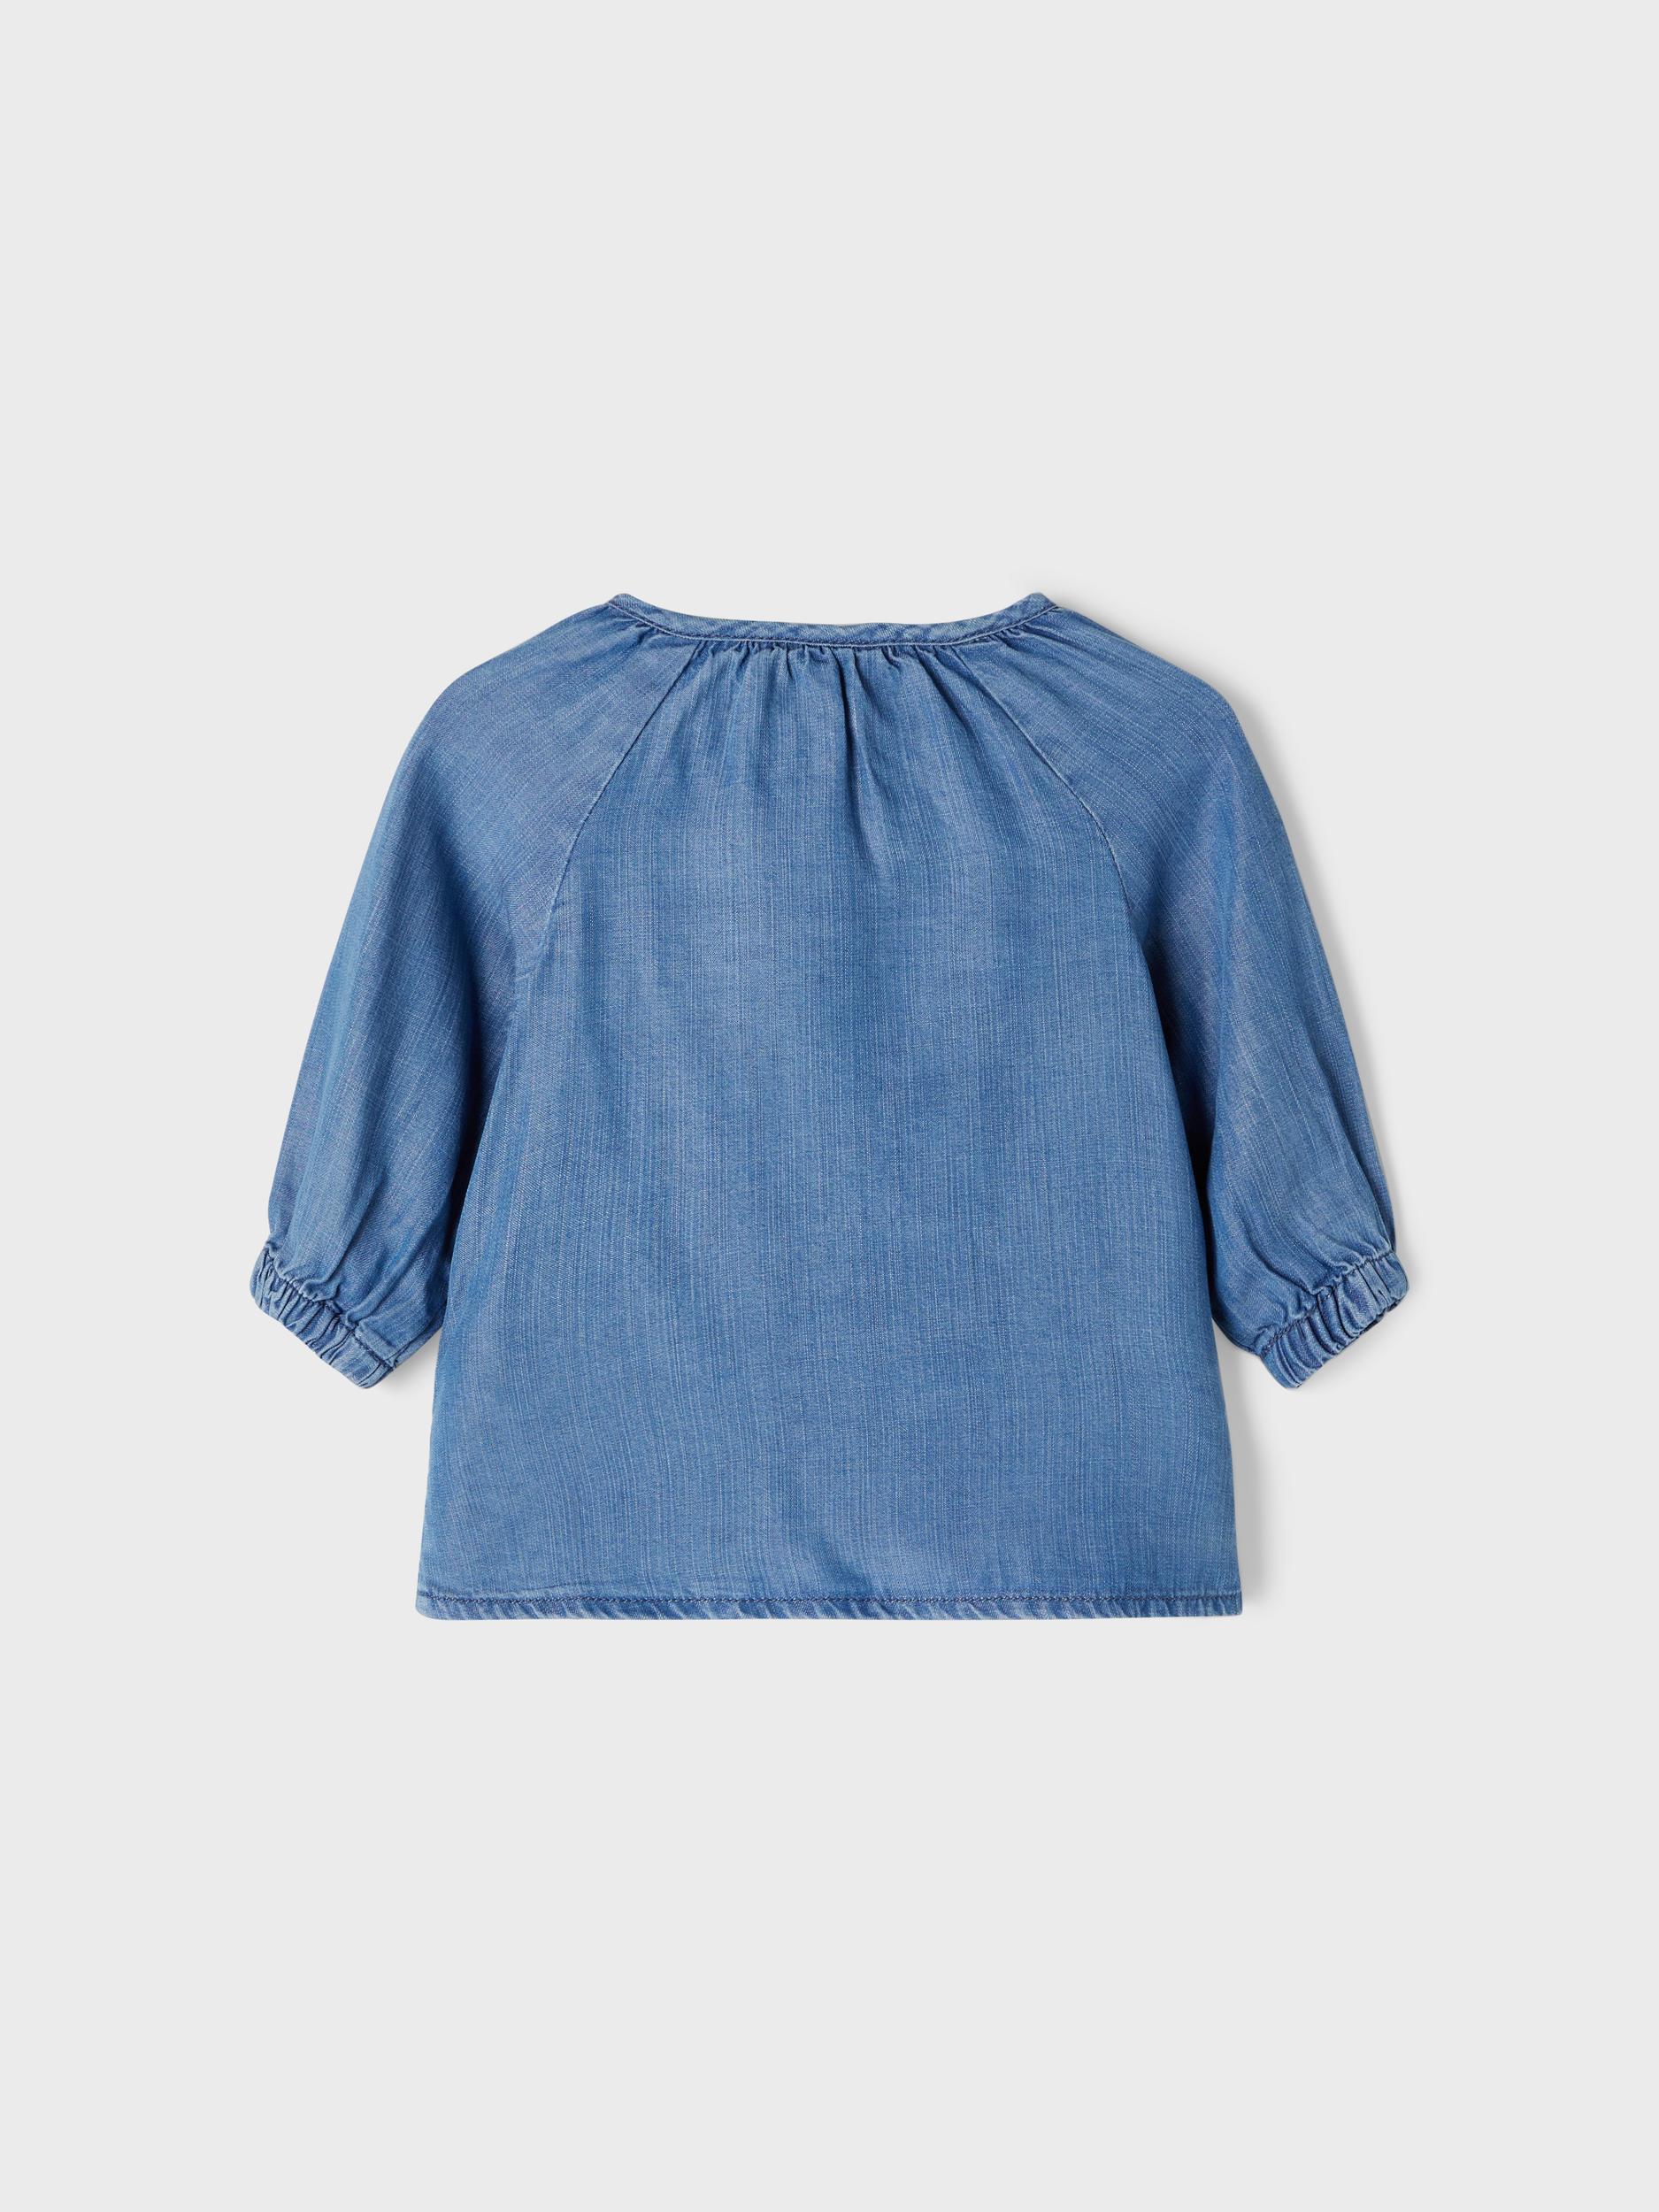 Name It Bathit Bluse, Blå, 50-61 cm/0-3 mdr.